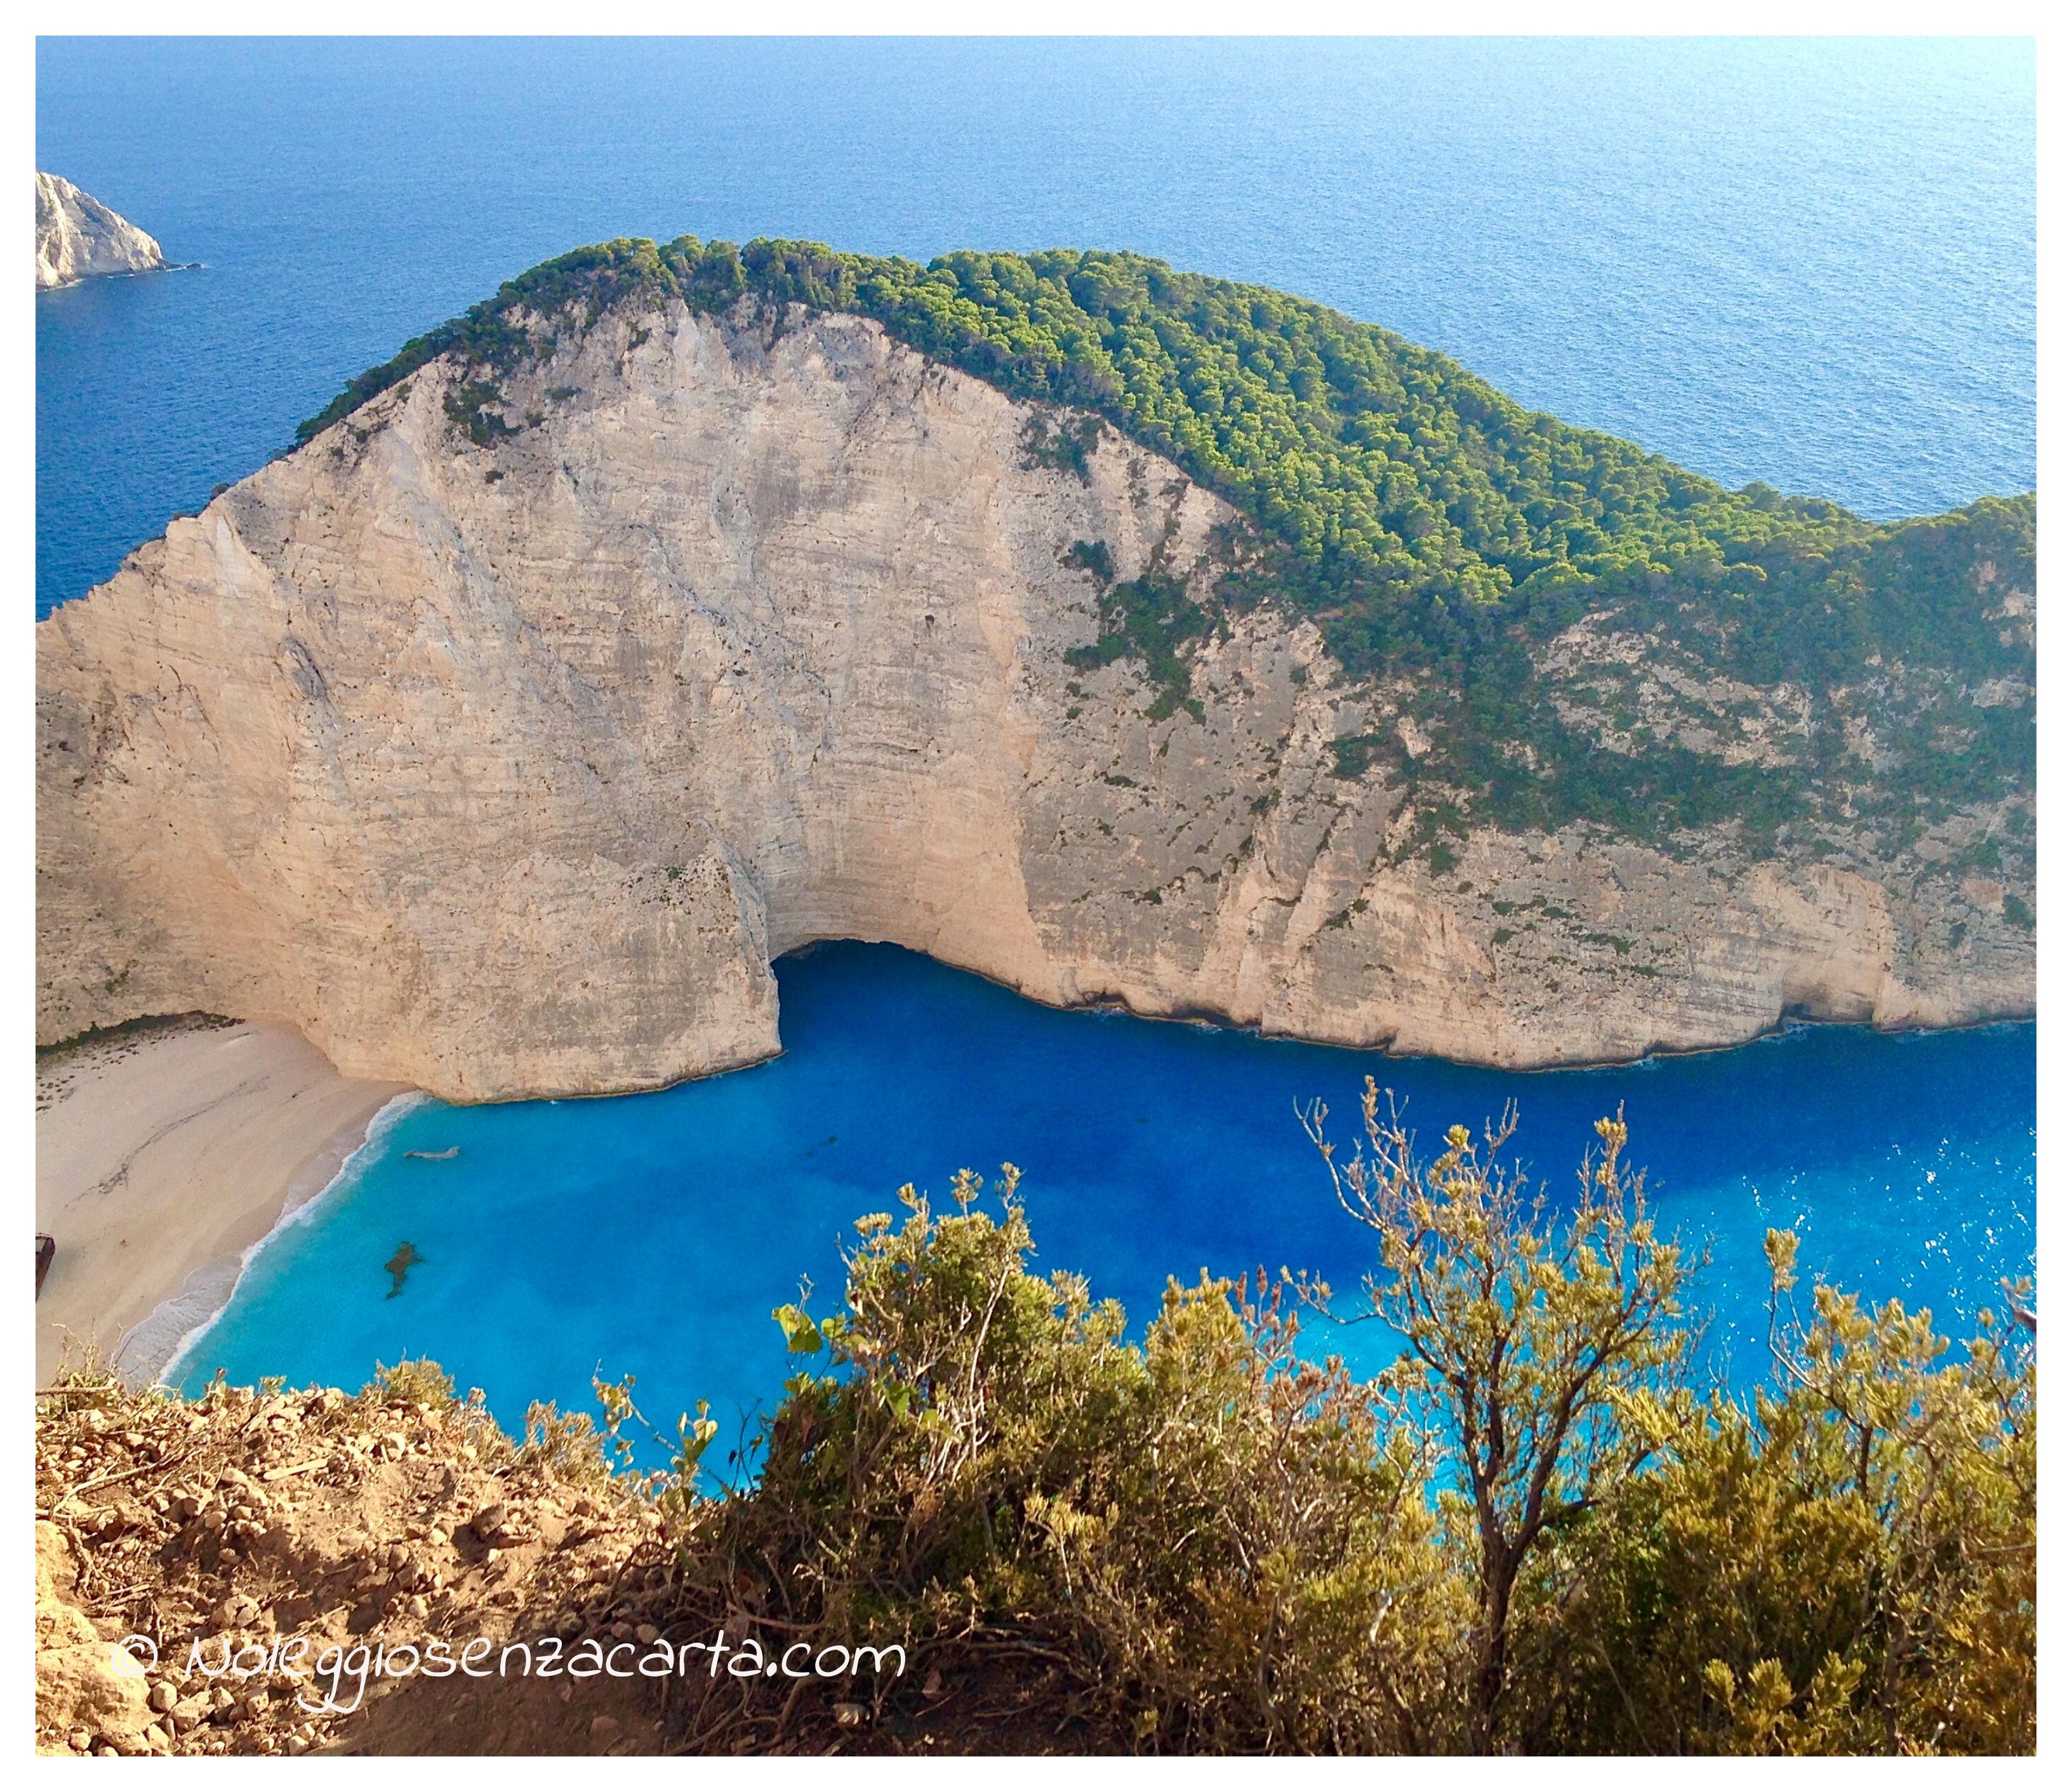 Noleggiare auto senza carta di credito a Zante – Grecia